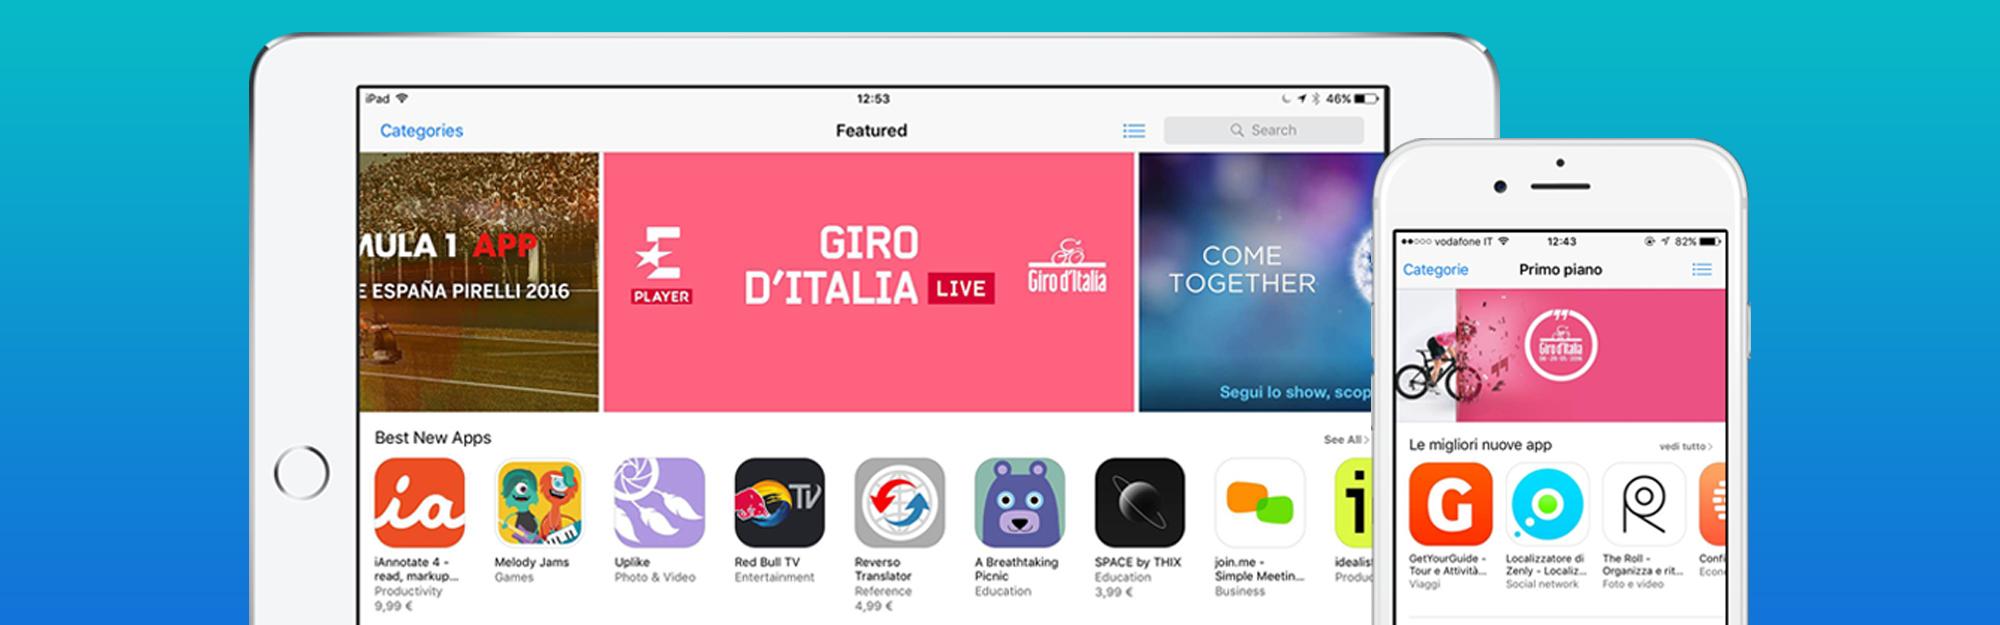 Apple App Store: i tempi di approvazione scendono a 24 ore, cosa cambia?